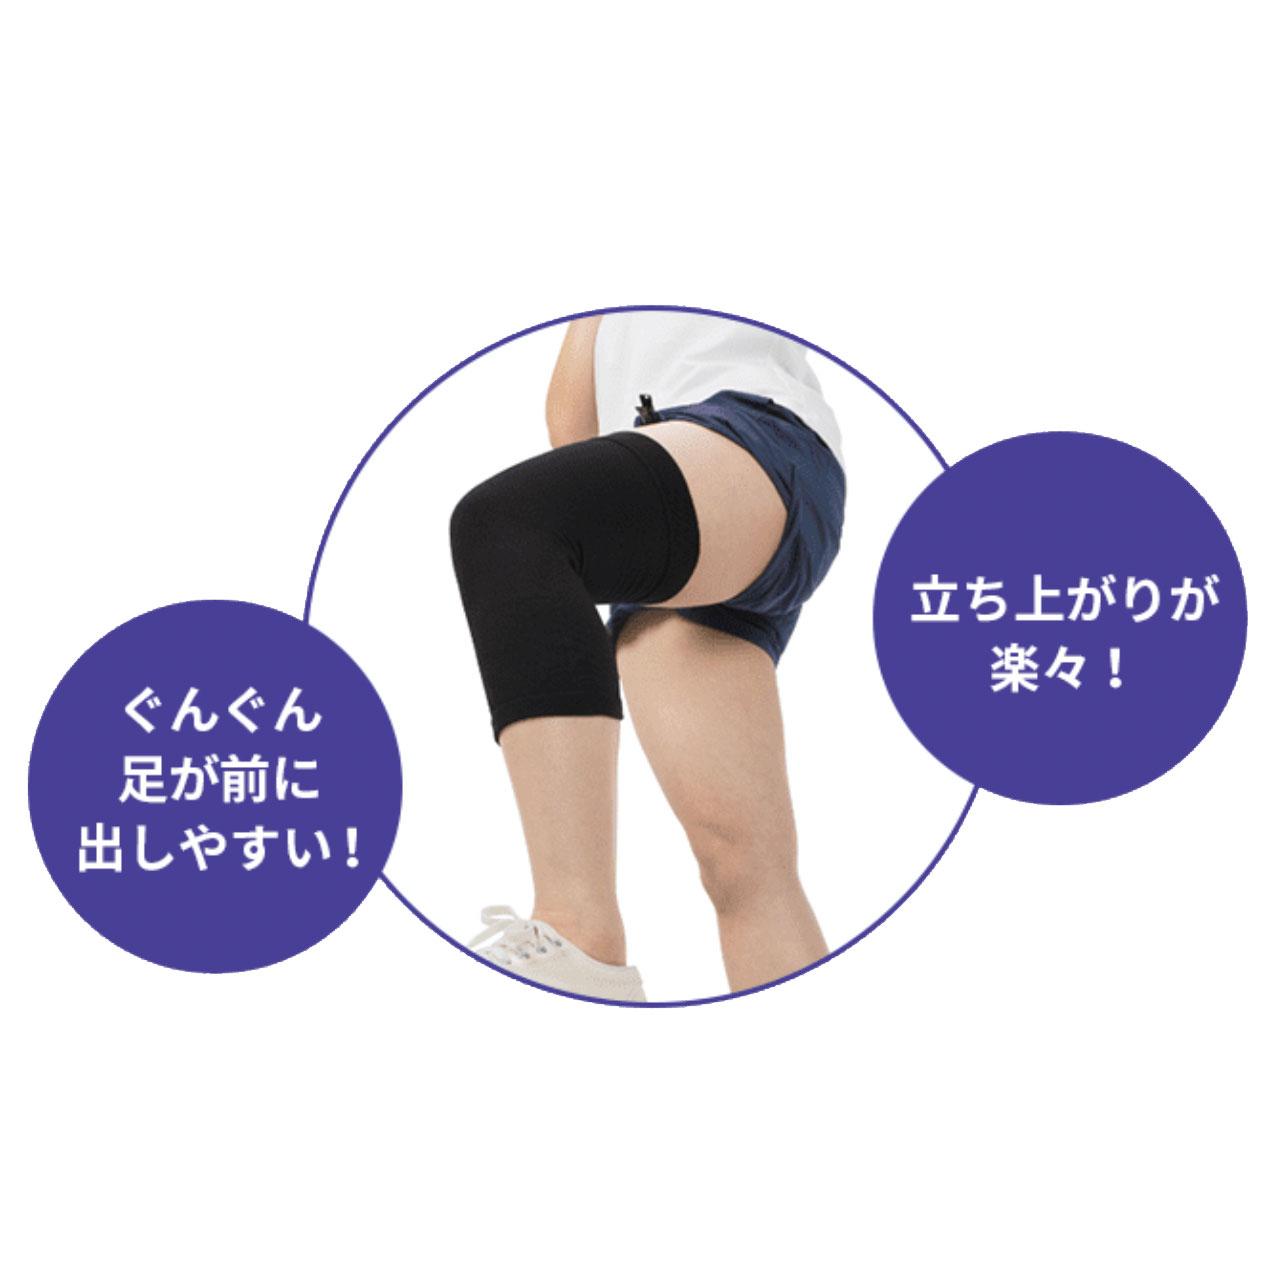 緩動サポーター 膝(ひざ)用